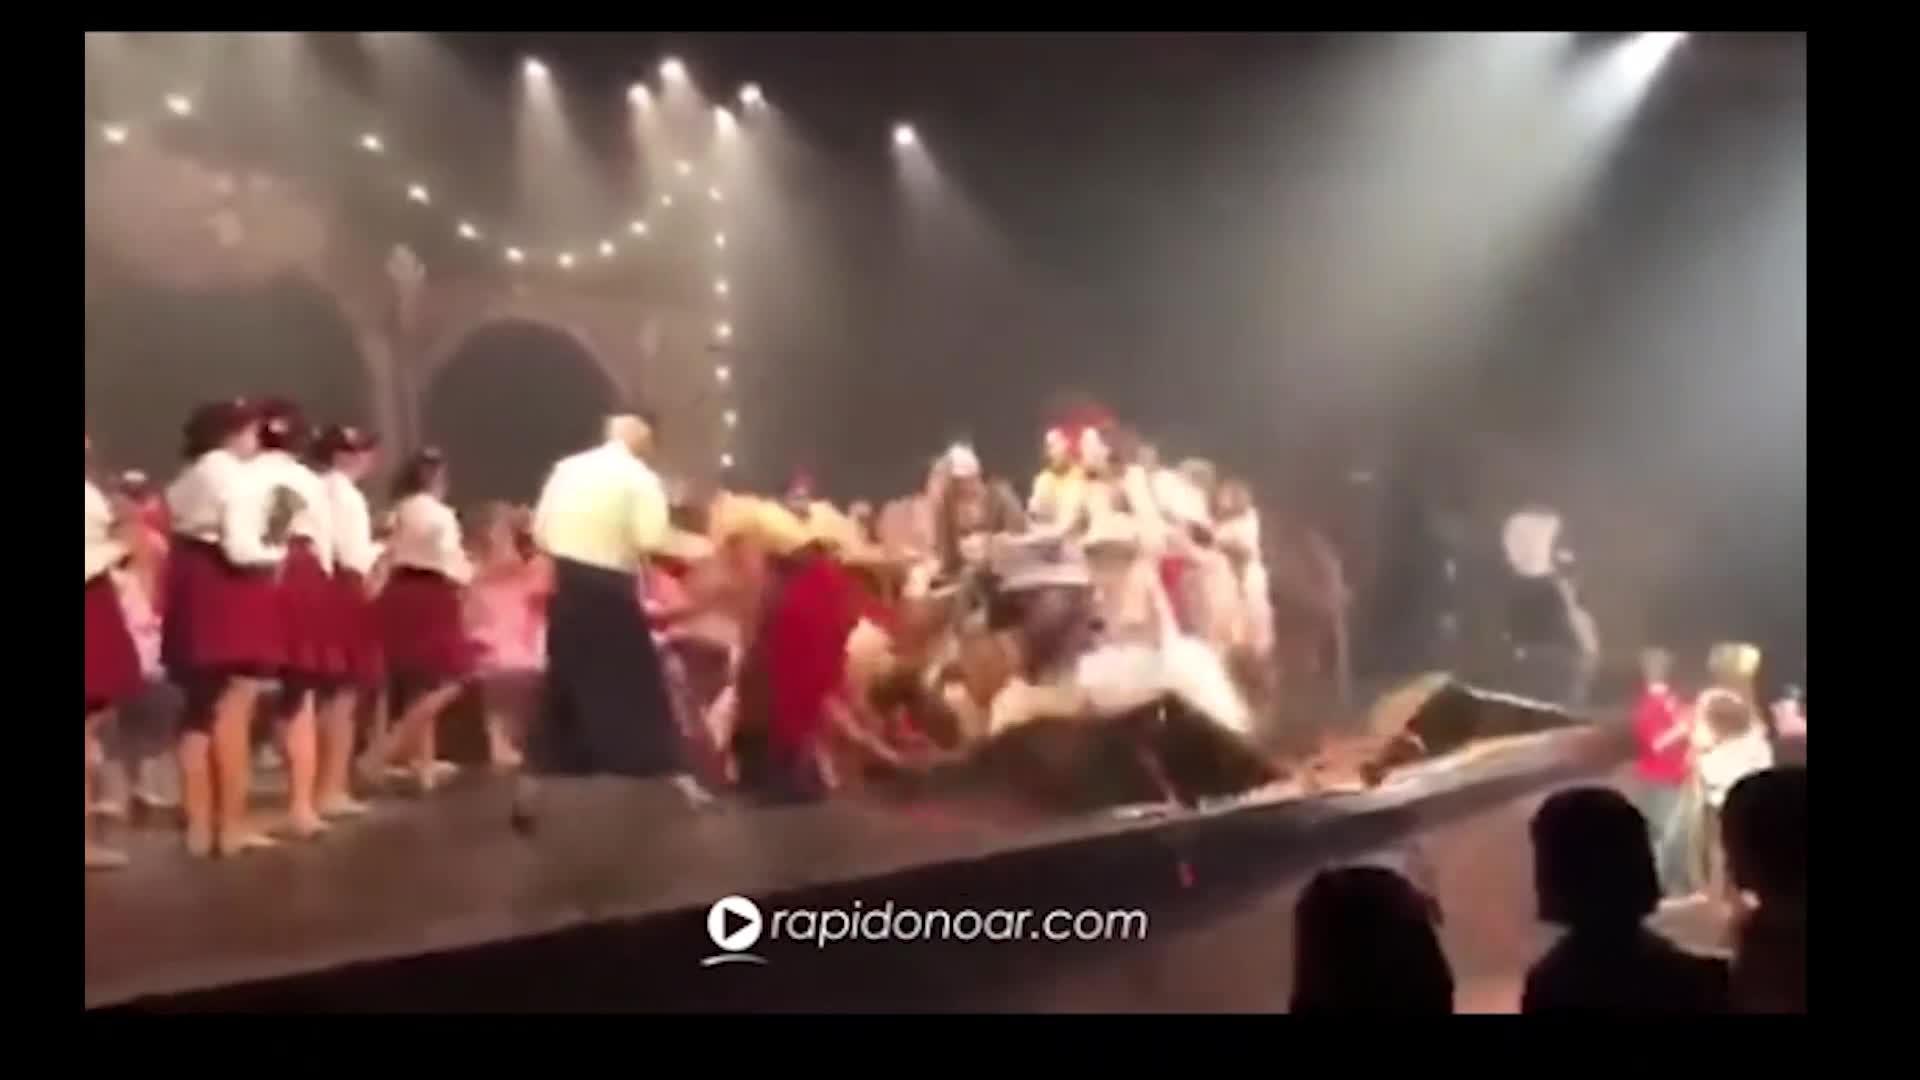 Brasil: seis bailarines quedan heridos tras pavorosa caída de escenario en plena función